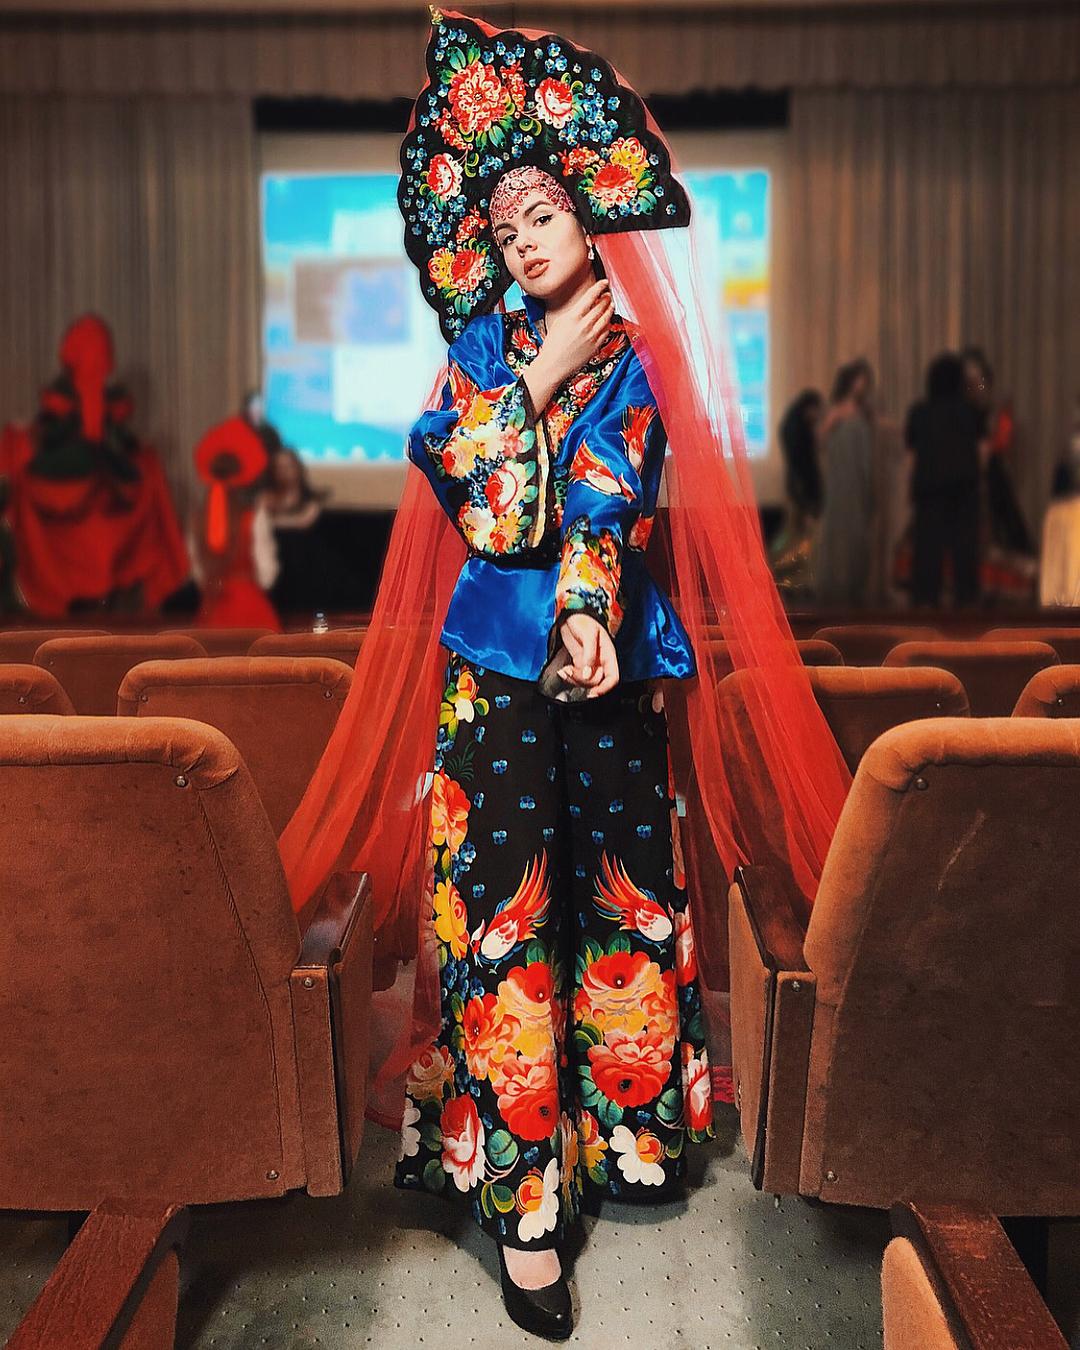 29403257_226506668087174_1062357682469470208_n Участница конкурса красоты «Мисс Россия» из Якутии представила национальный костюм